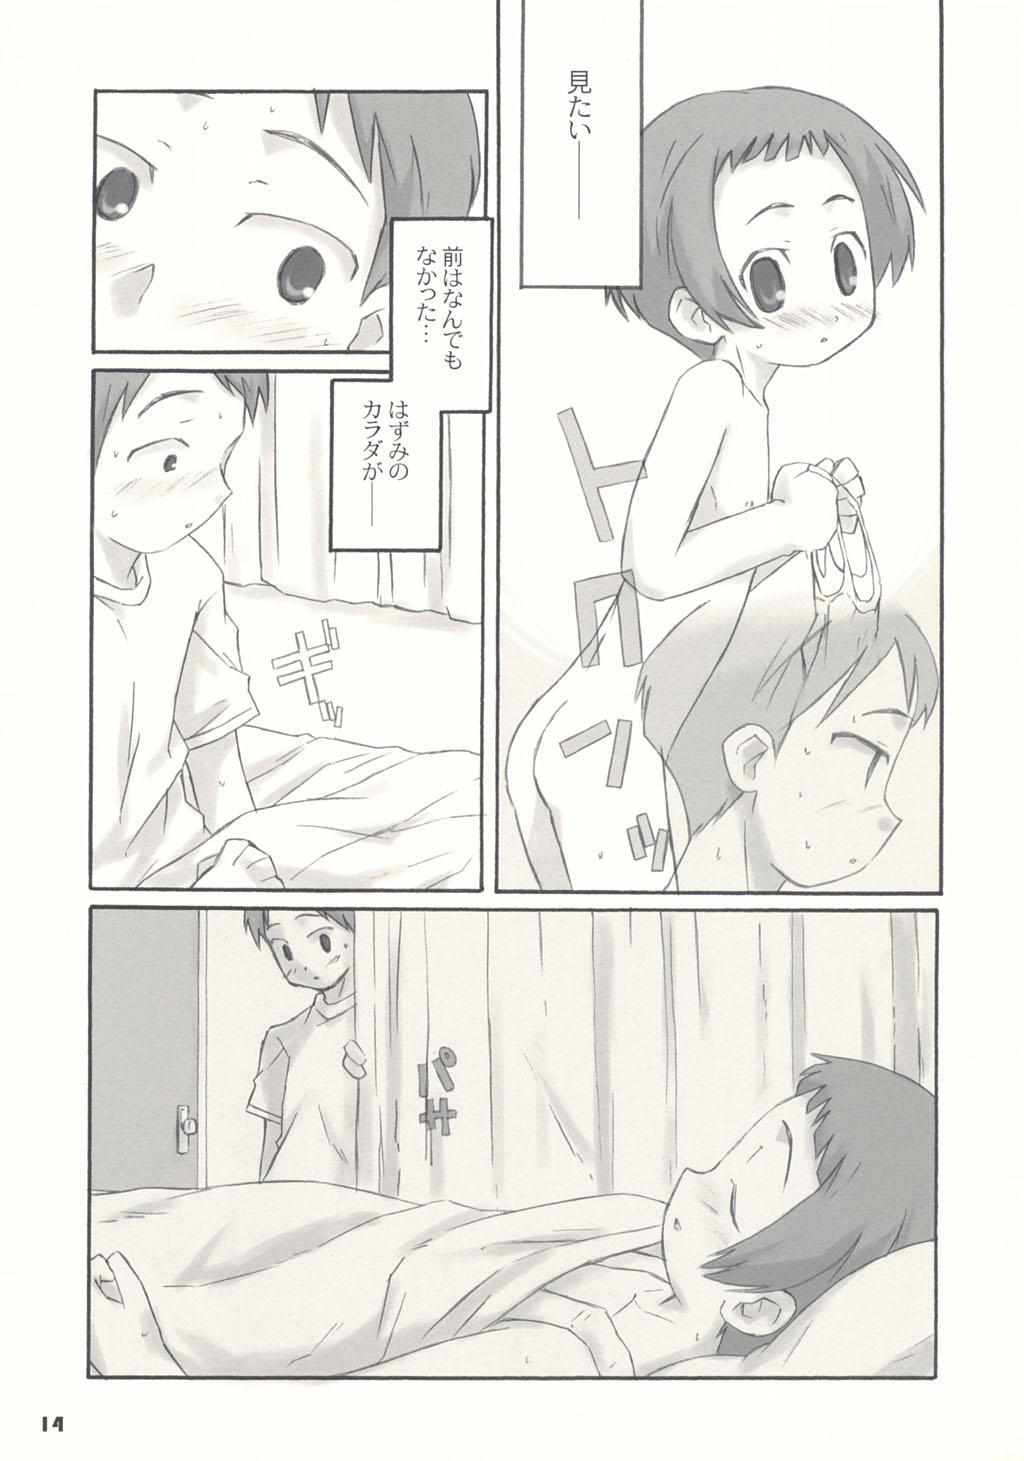 Tonari no Kimi 1-gakki 14